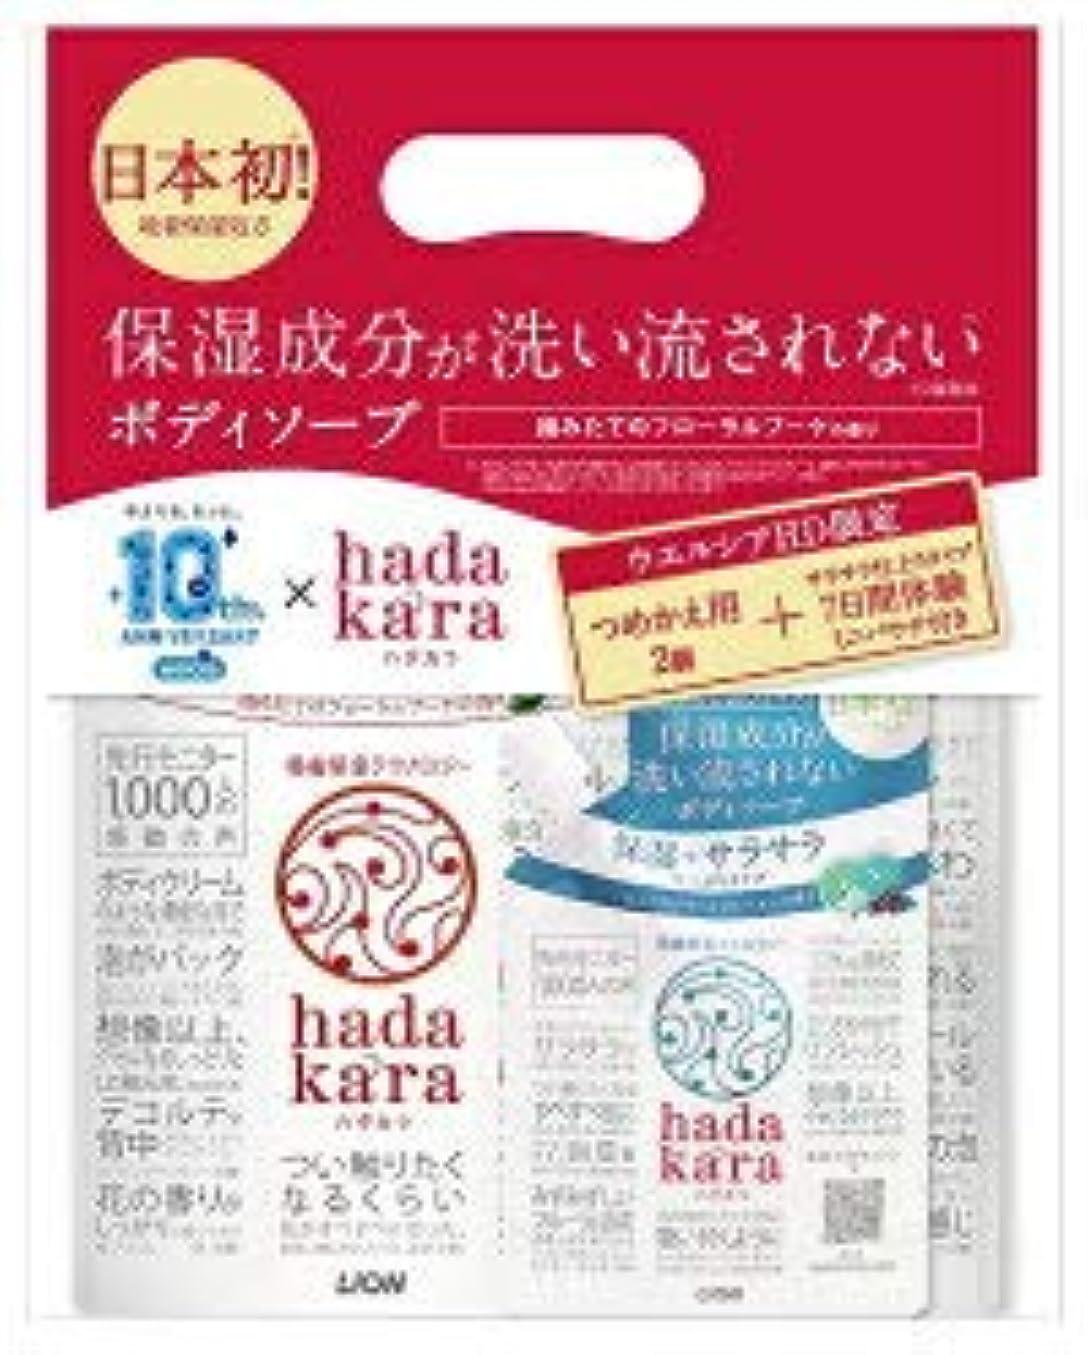 空の提案する良心的ライオン hadakara フローラルブーケの香り 詰替 2個パック+ミニパウチ ボディソープ 6個セット